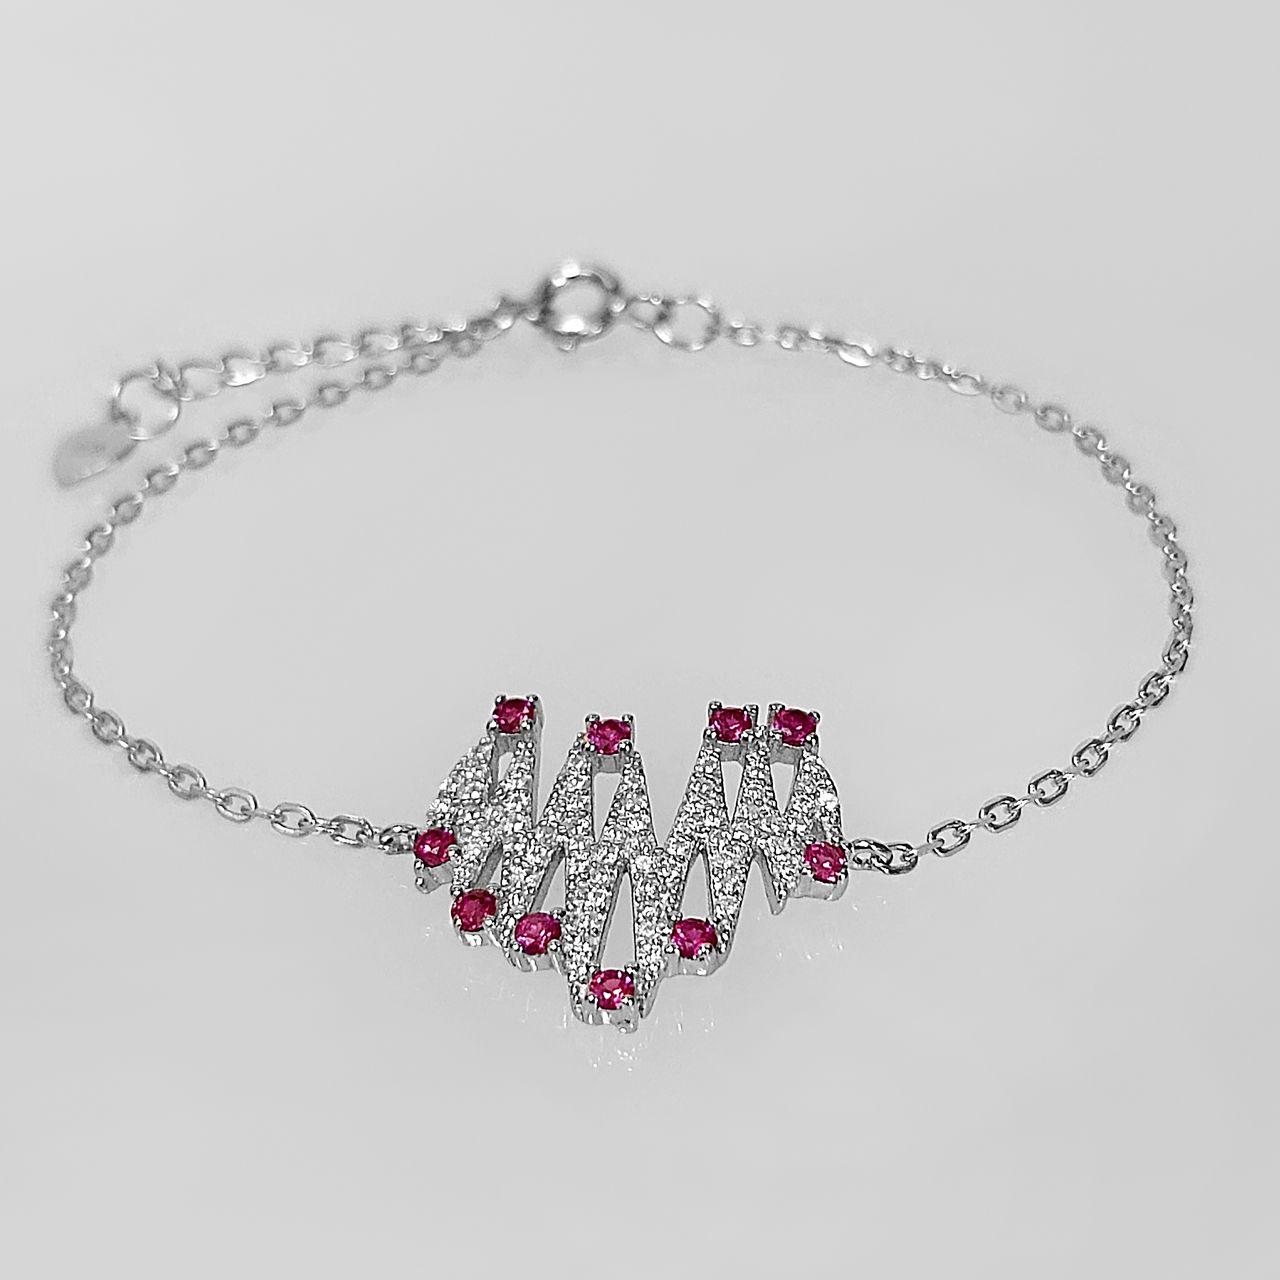 دستبند نقره زنانه اقلیمه کد DN429 -  - 9